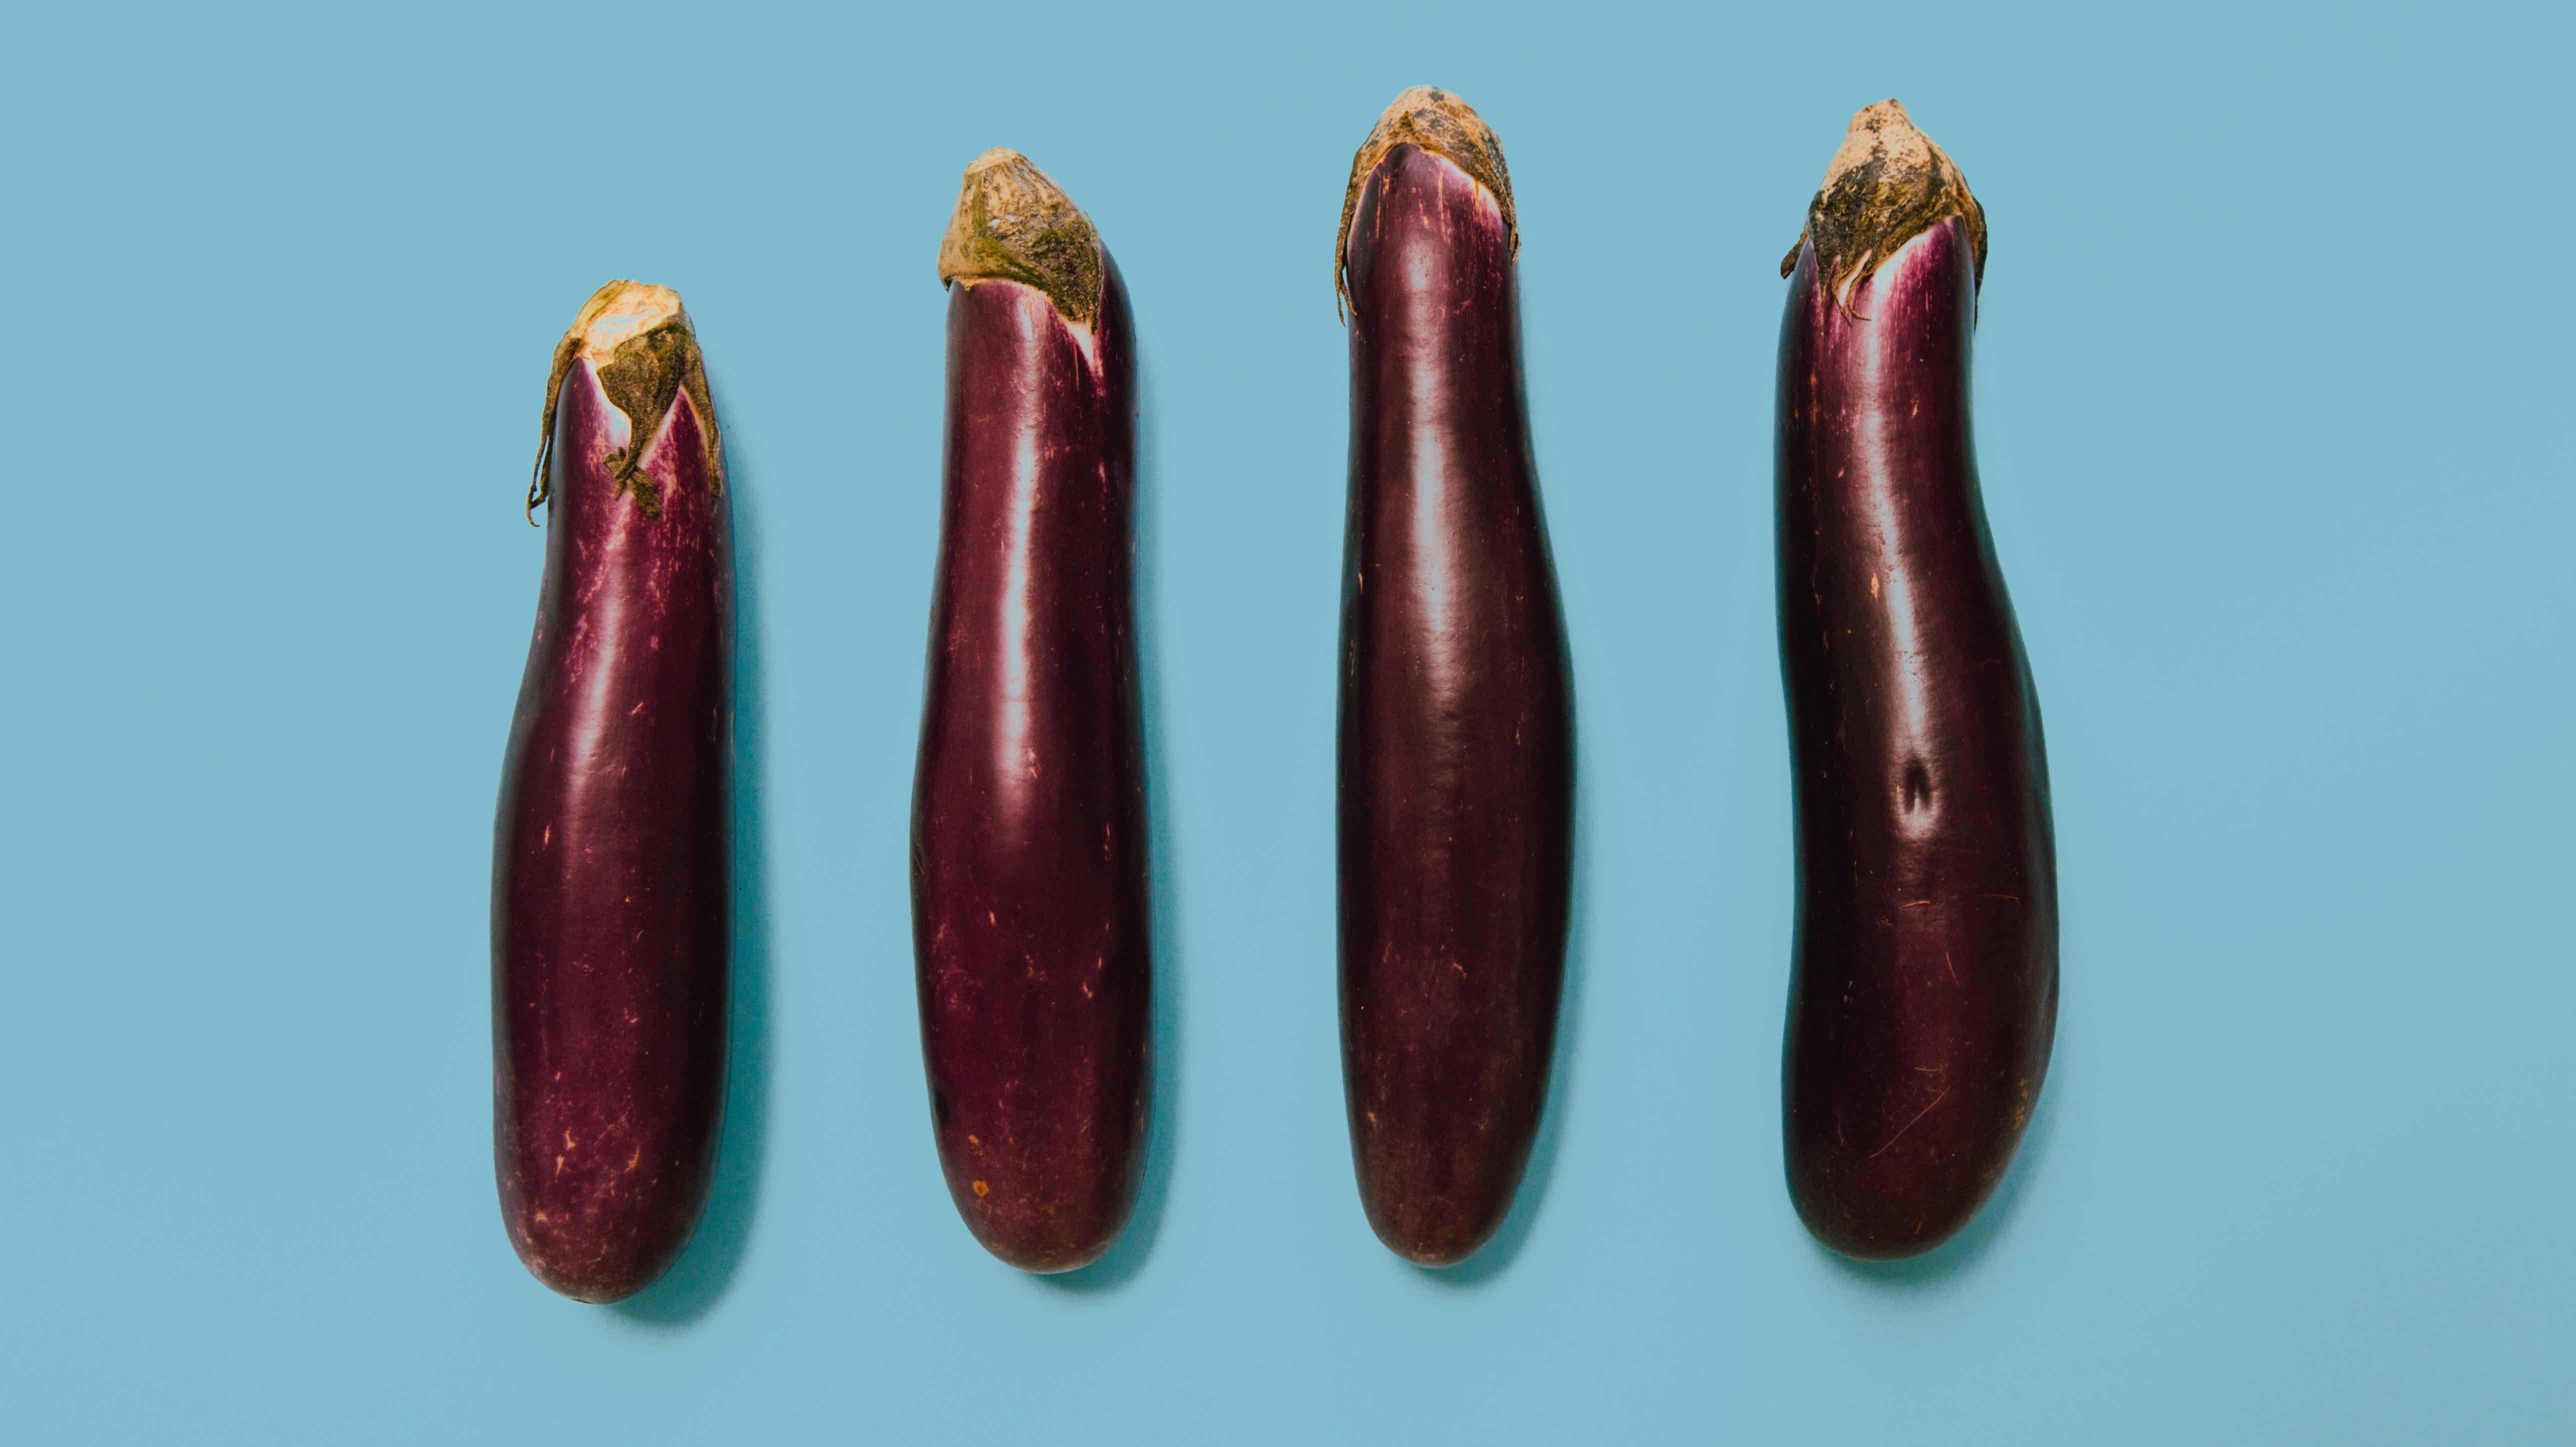 rugozitatea penisului diferite forme și dimensiuni ale penisurilor